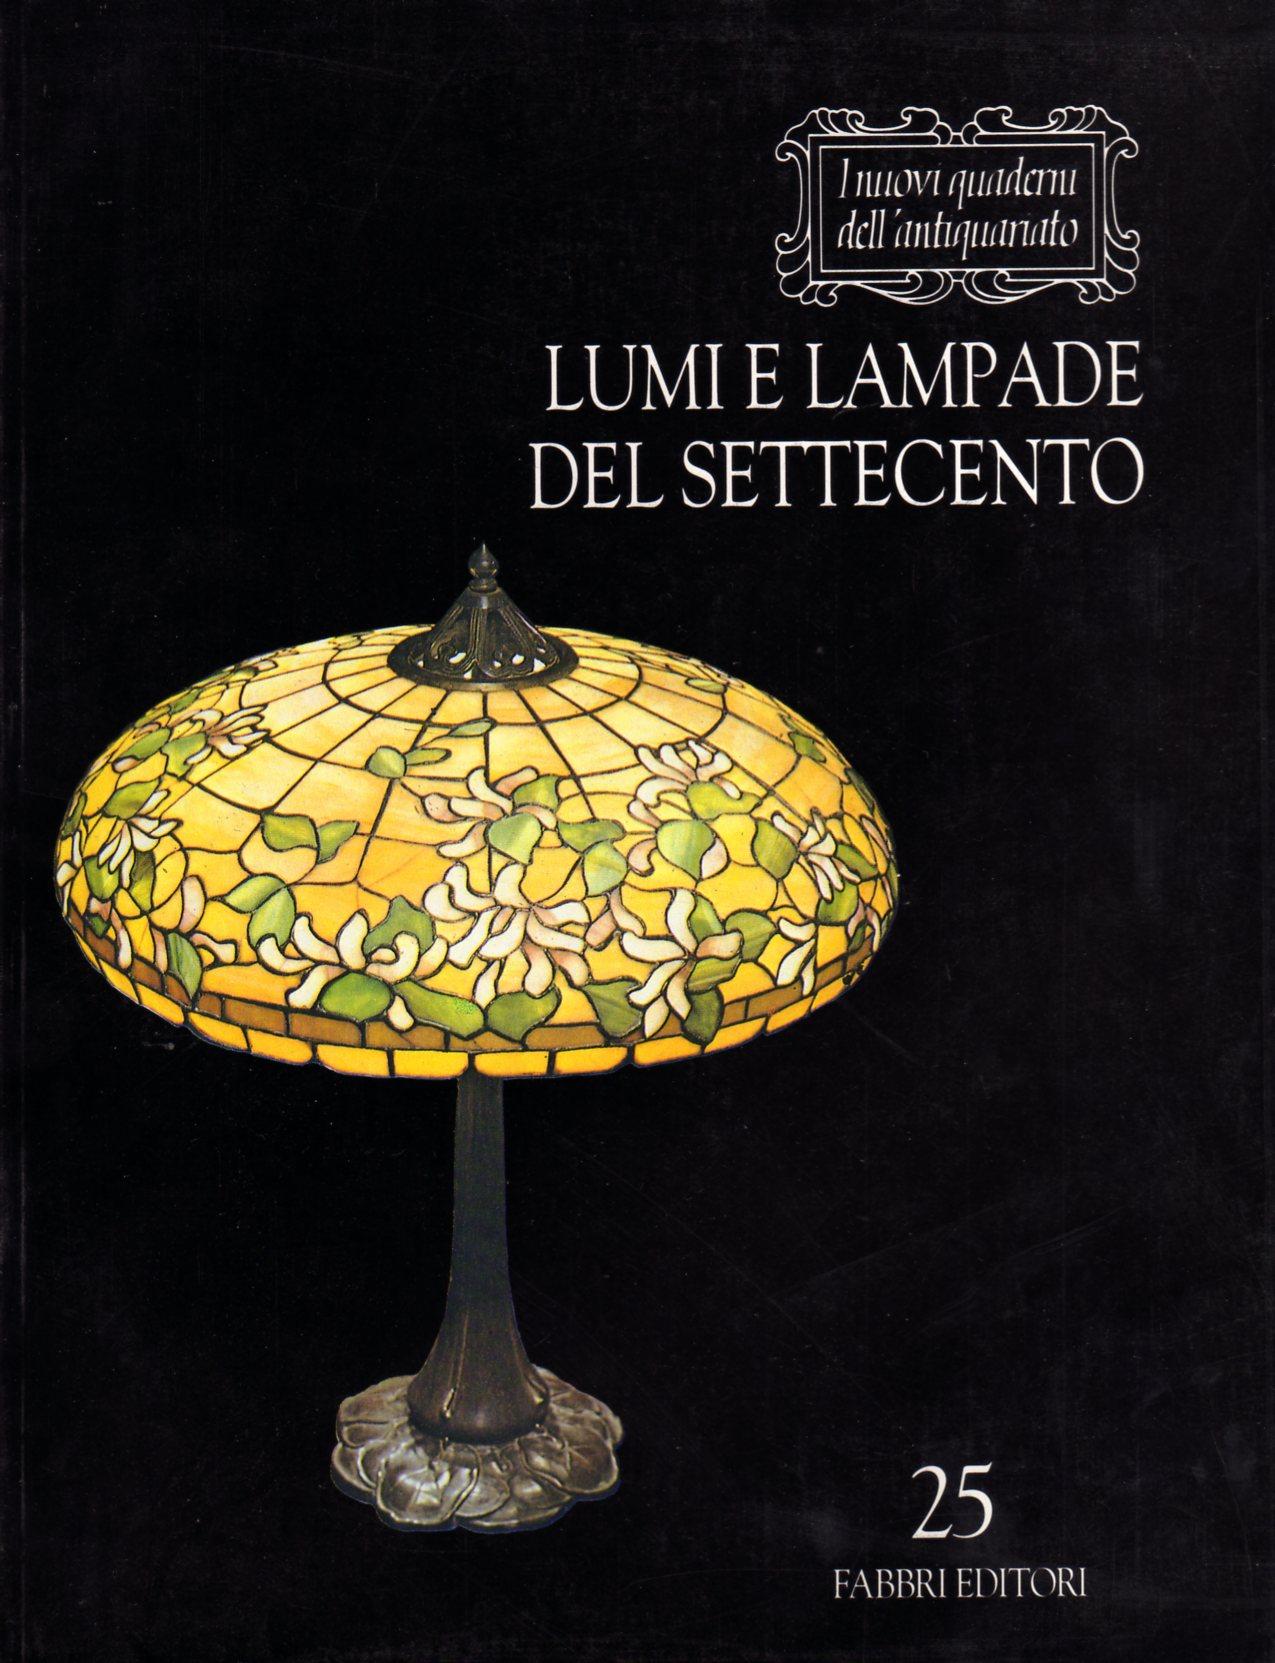 Lumi e lampade del settecento